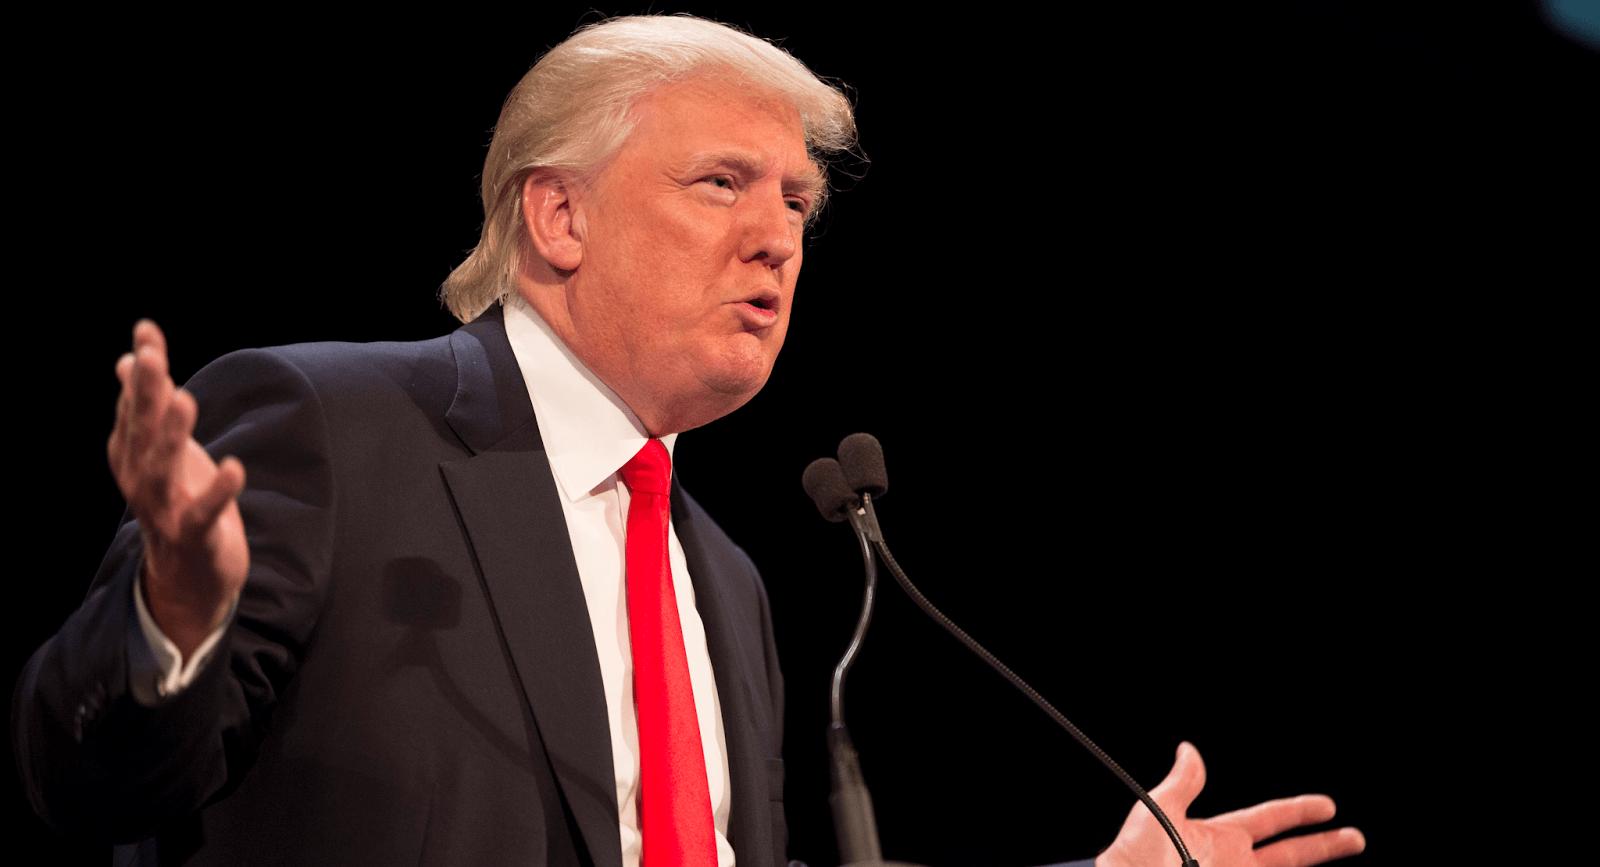 Donald Trump Wallpapers - Wallpaper Cave